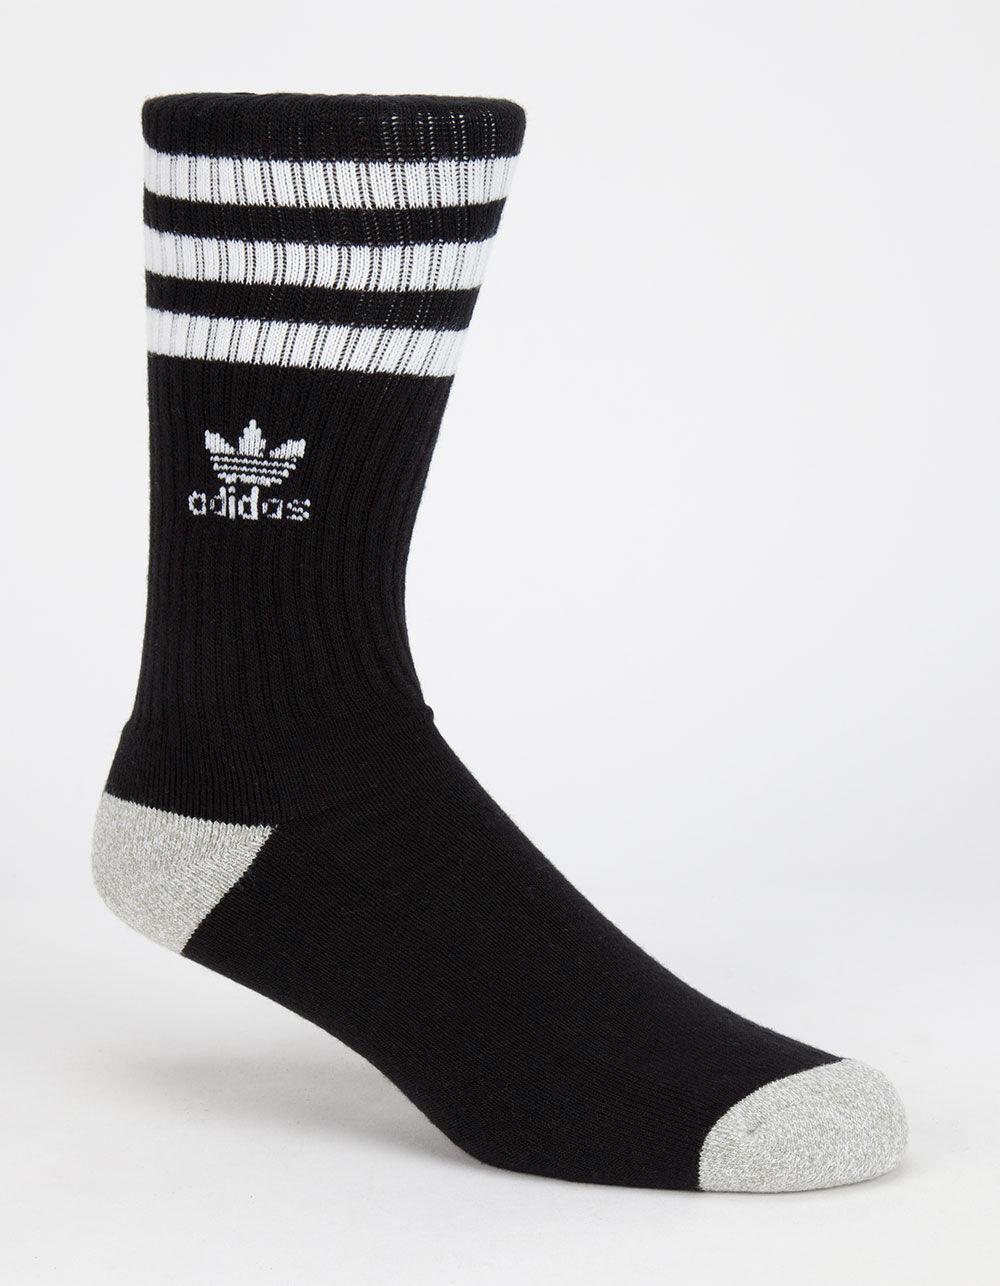 Mens Originals Crew Socks Black//White//Heather Aluminum One Size